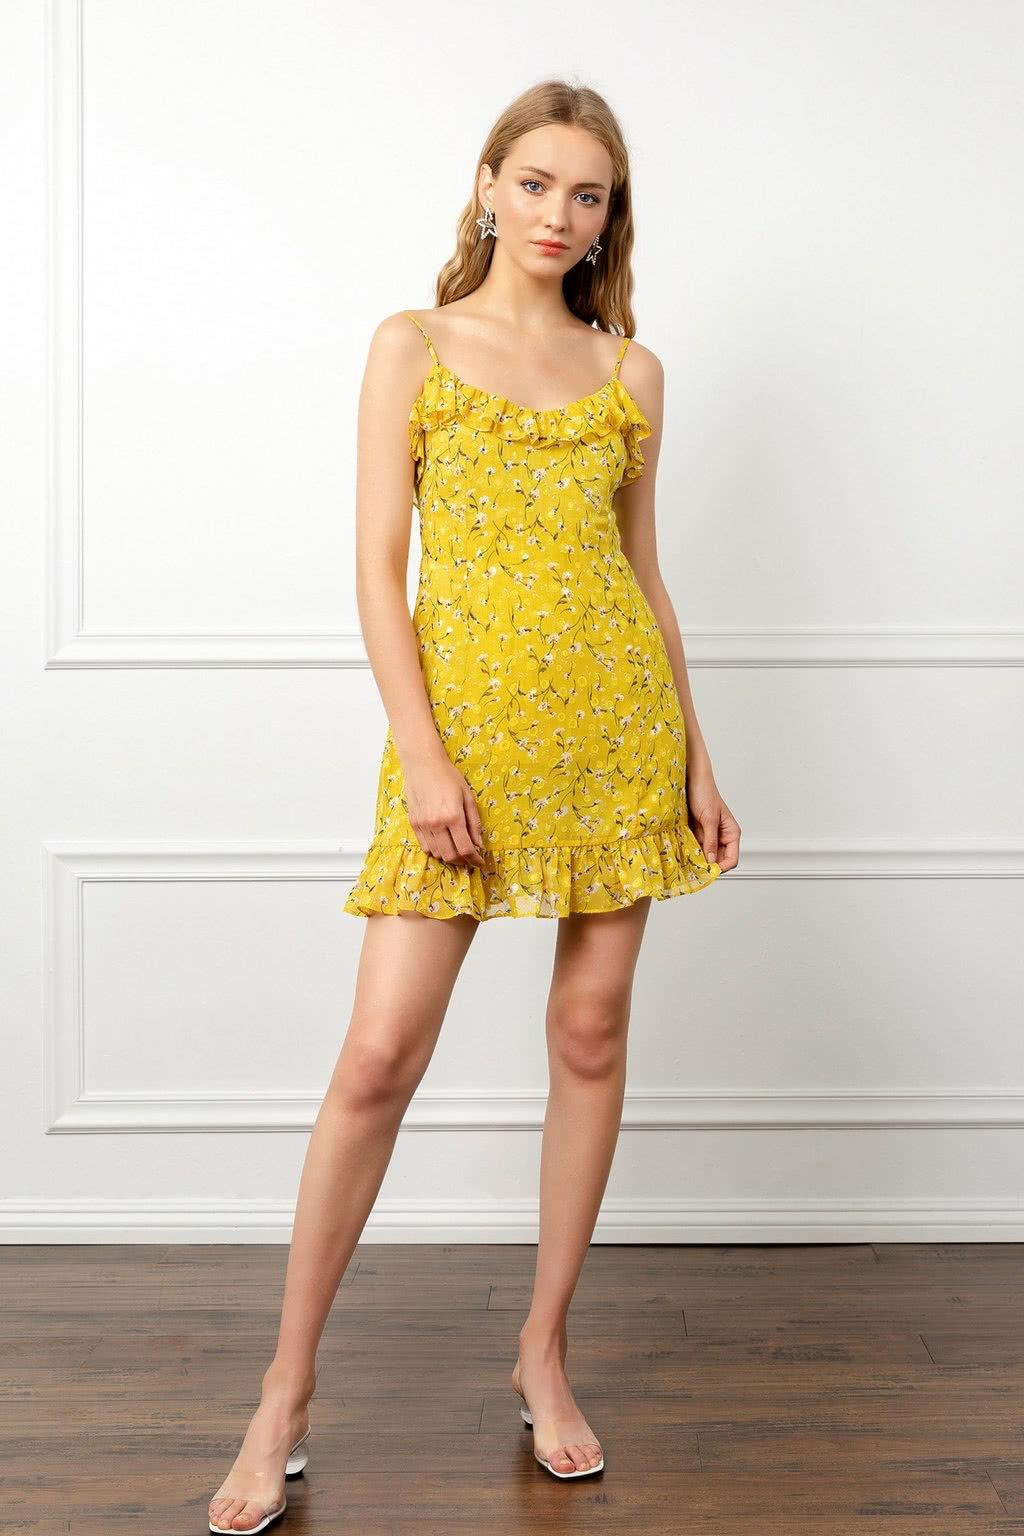 J.ING yellow dress summer 2019 women - Luxe Digital